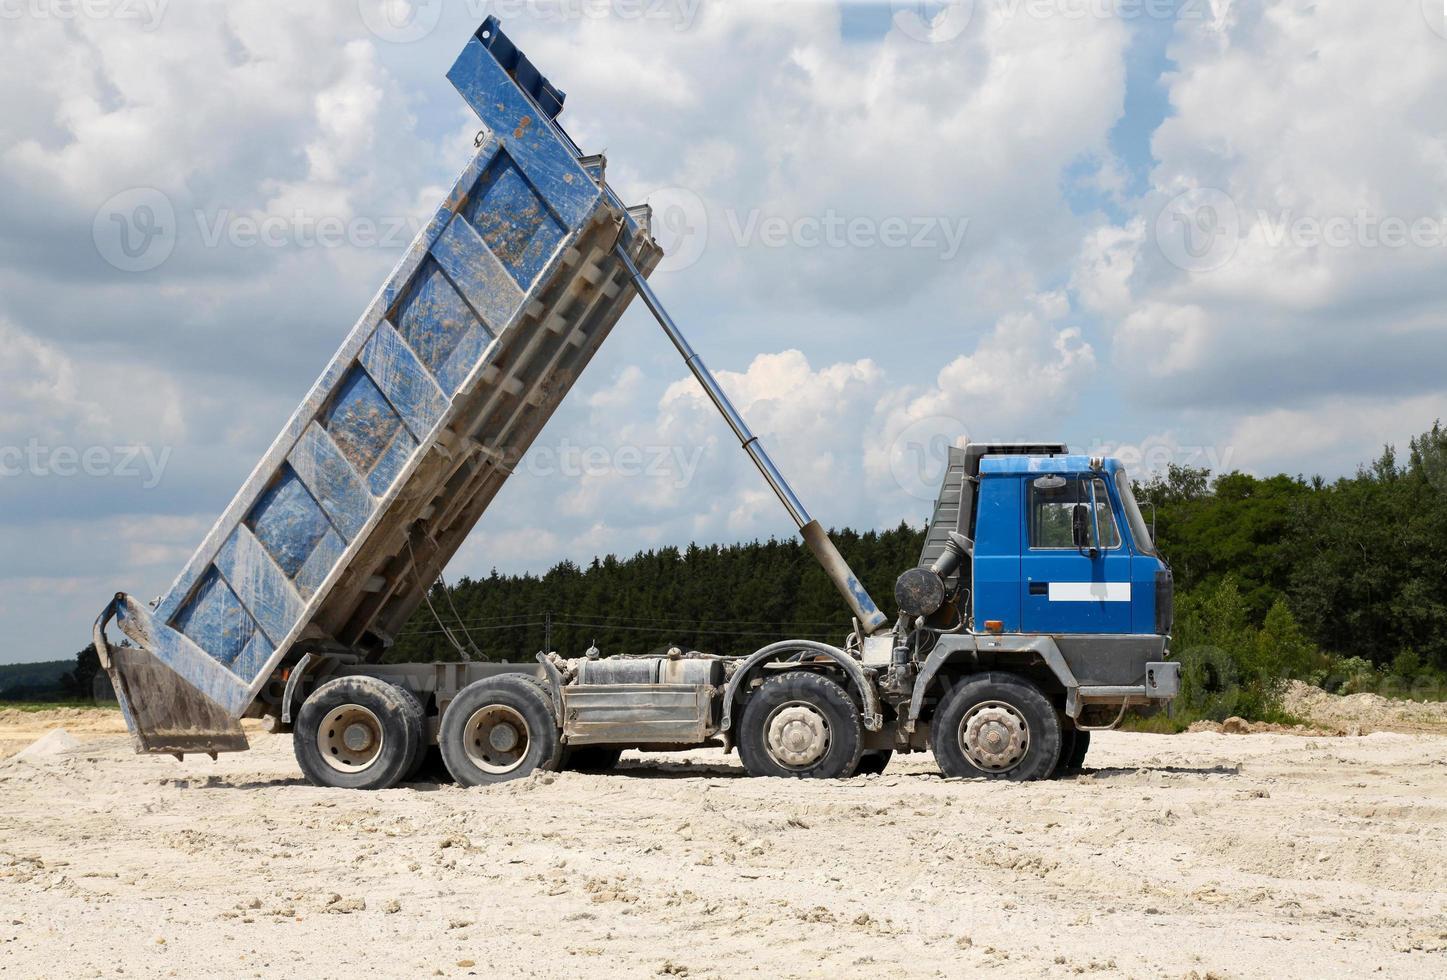 camiones de carga con volquete foto